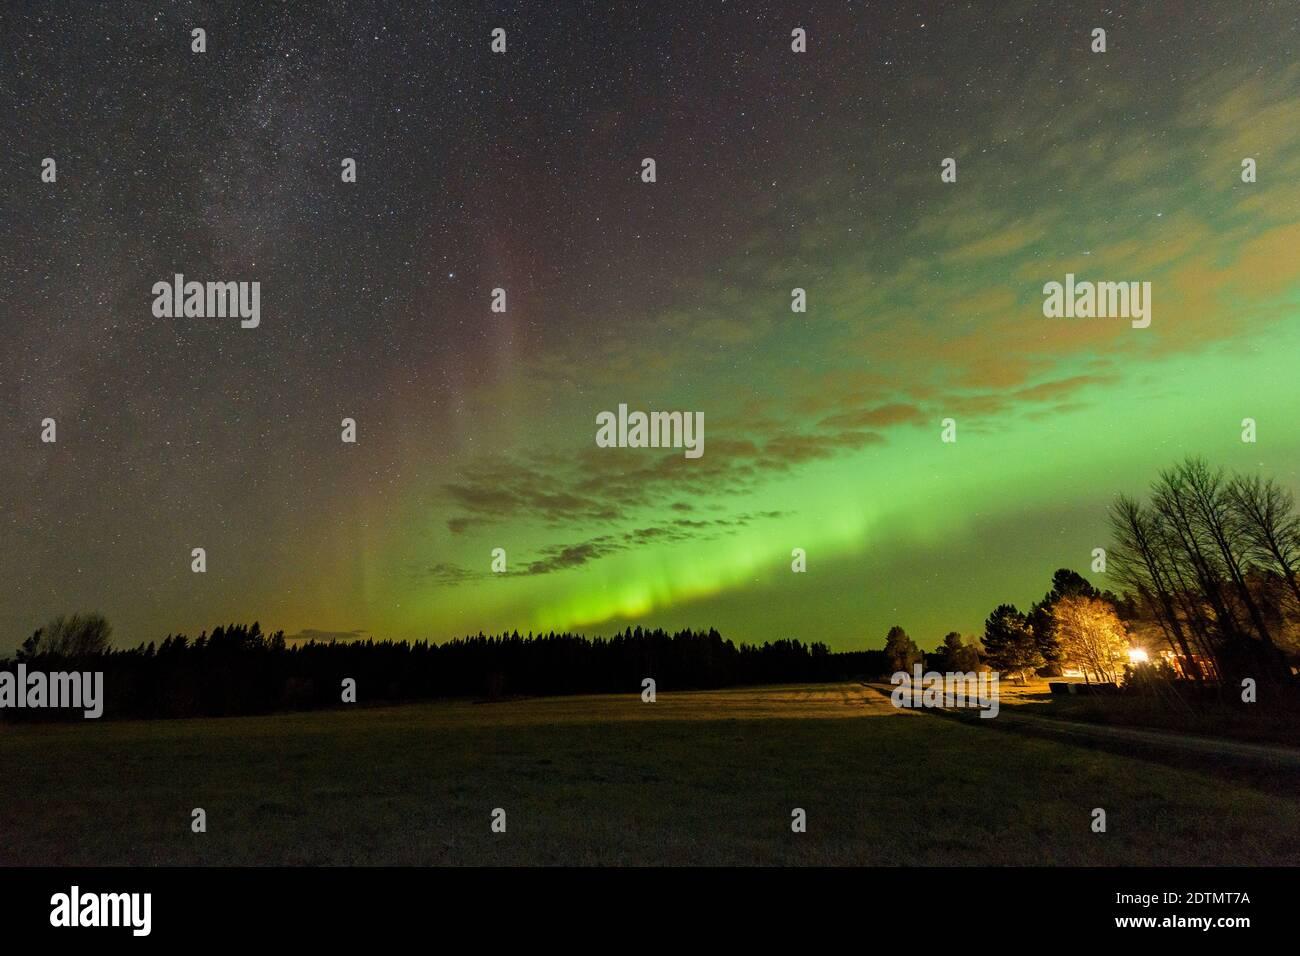 Landschaftlich Schöner Blick Auf Das Feld Gegen Den Aurora Sky In Der Nacht Stockfoto